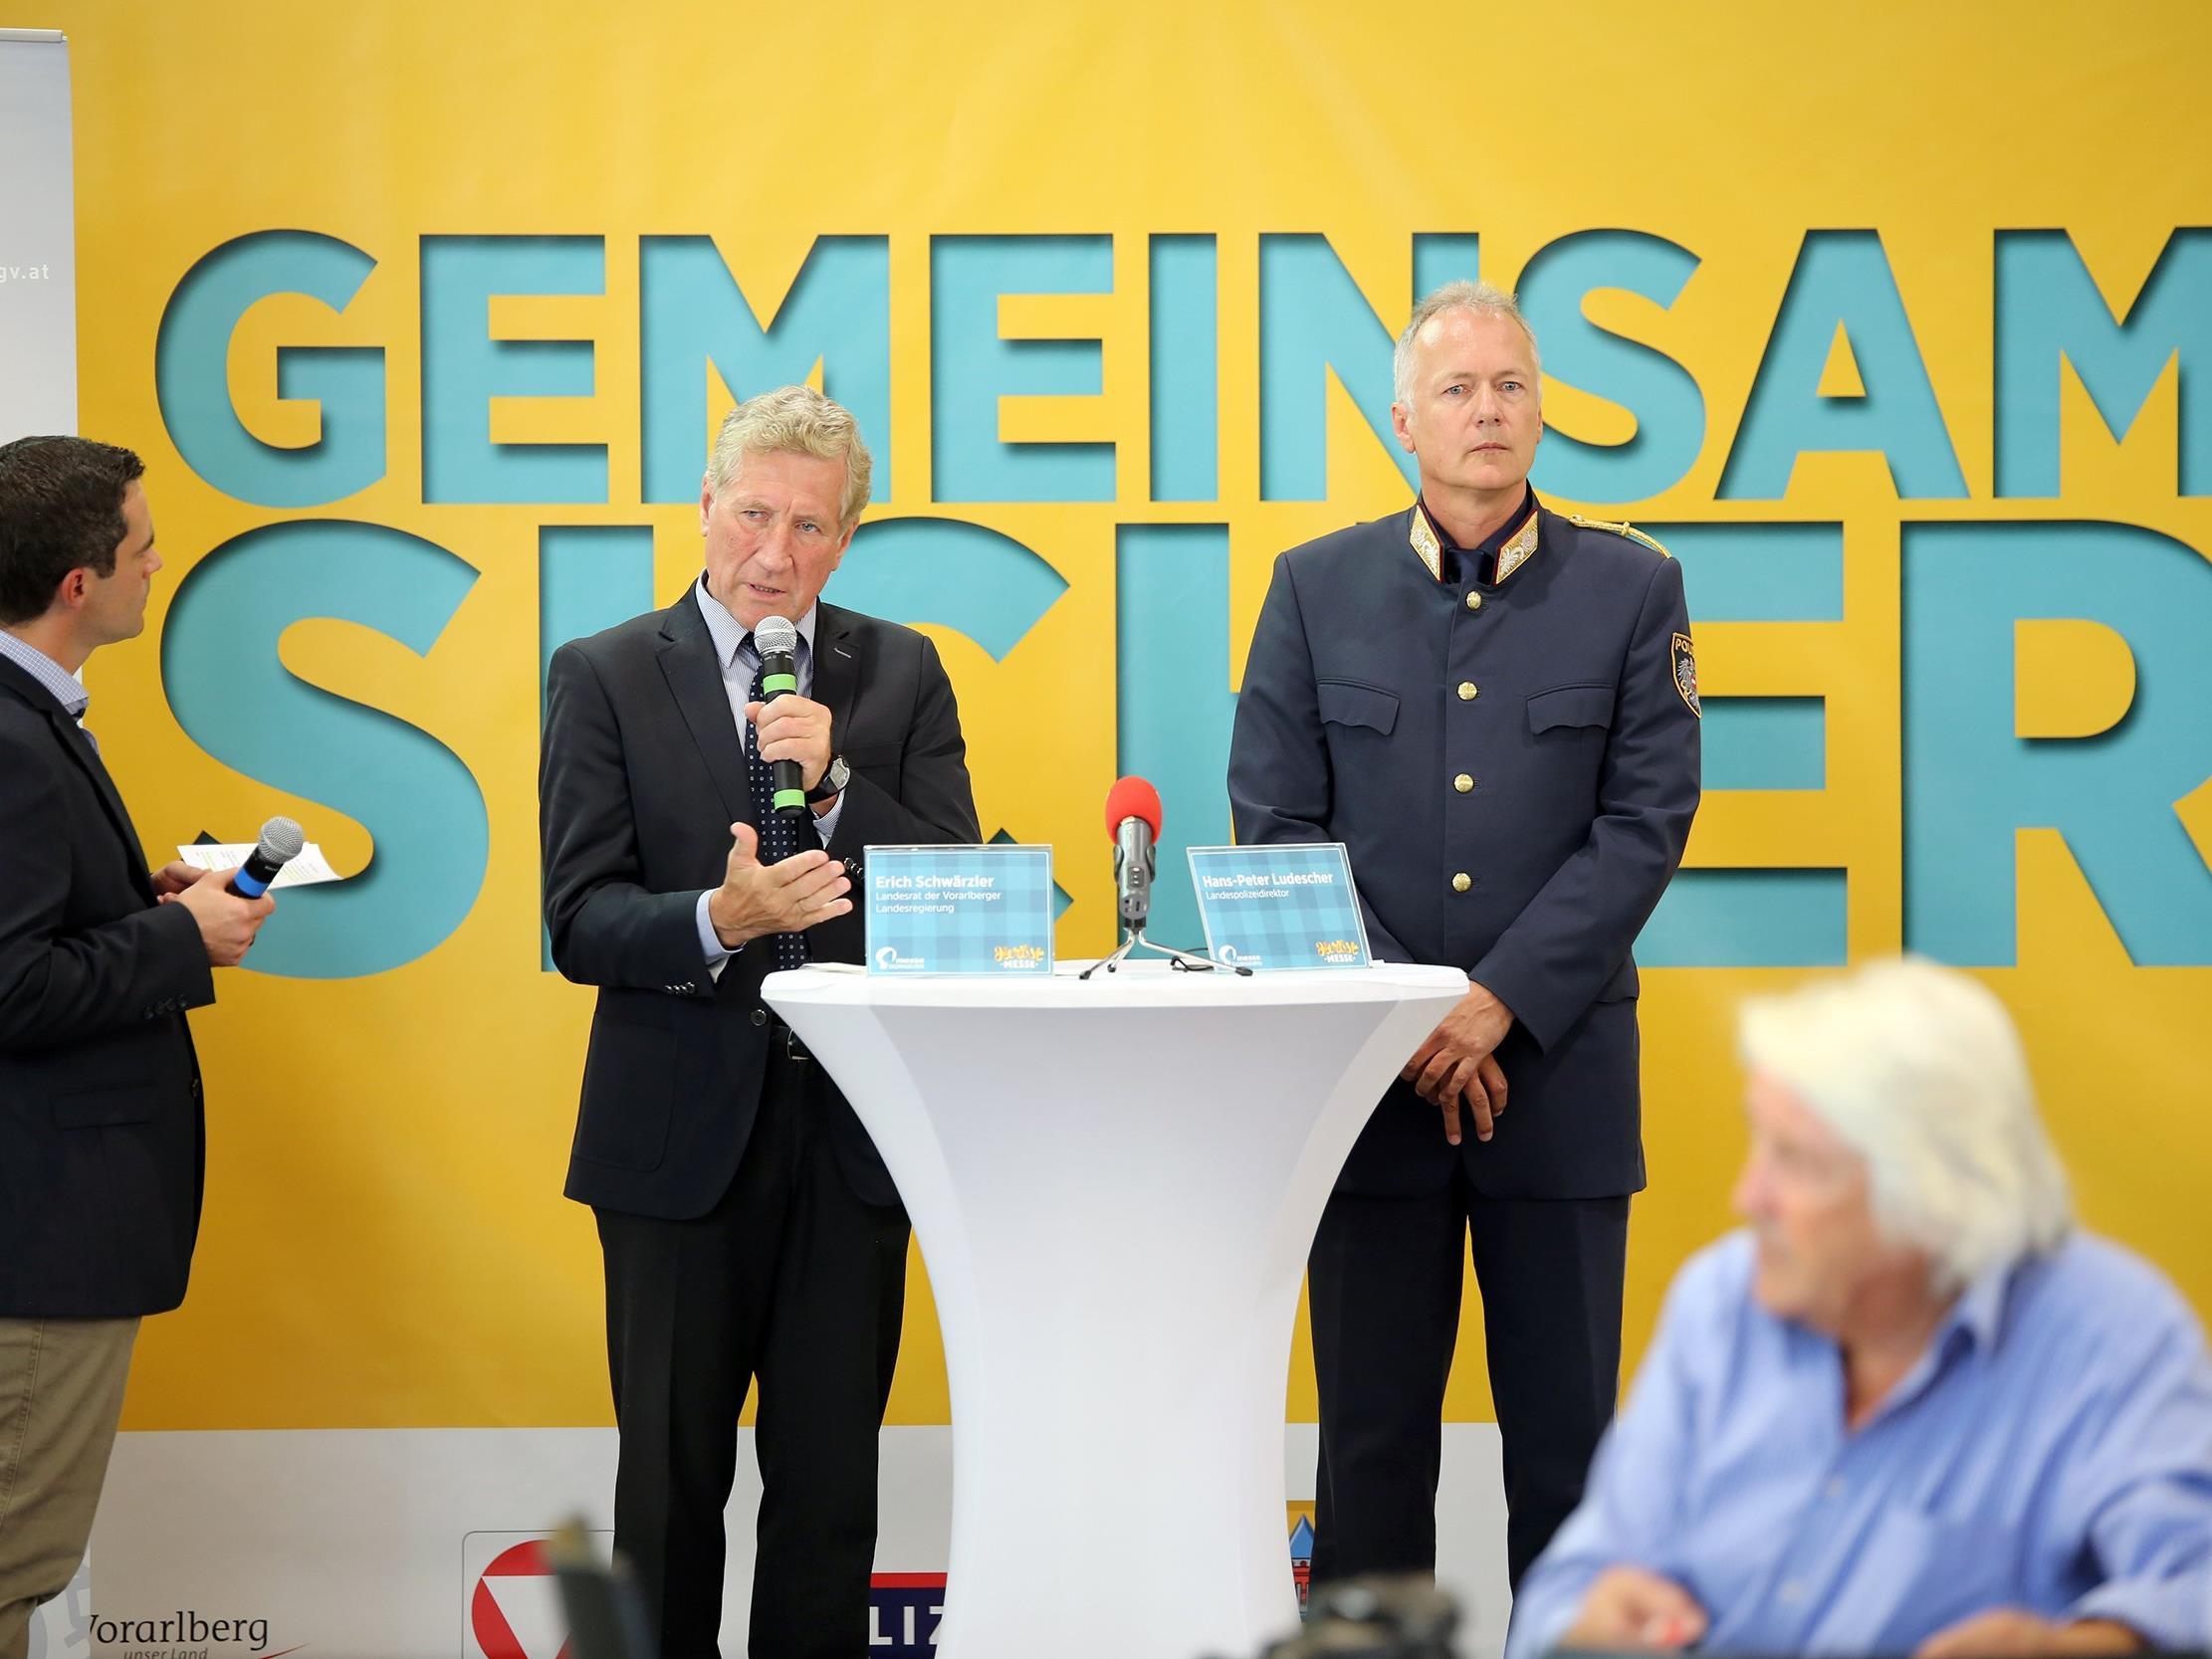 Sicherheitslandesrat Erich Schwärzler und Landespolizeidirektor Hans-Peter Ludescher bei der Pressekonferenz der Herbstmesse